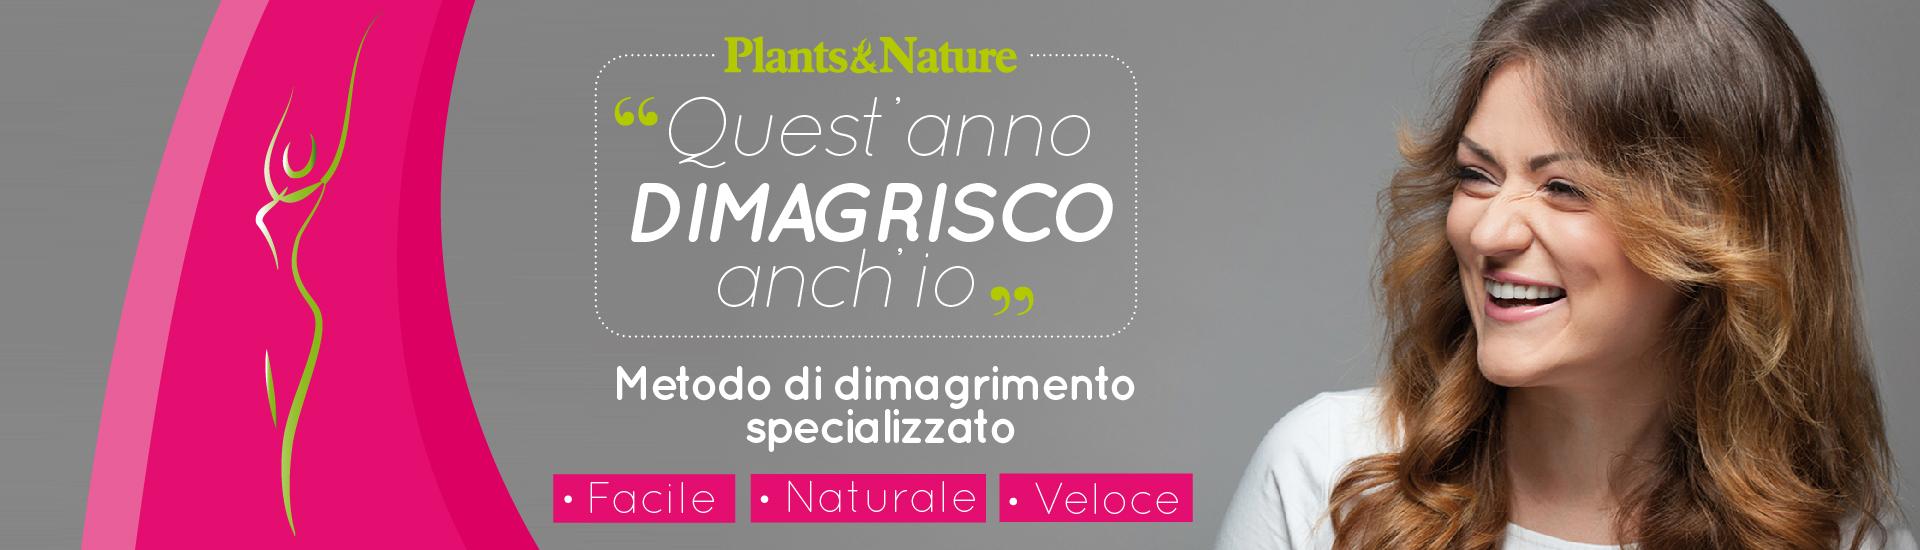 slide-sito-plants-and-nature_Tavola-disegno-2